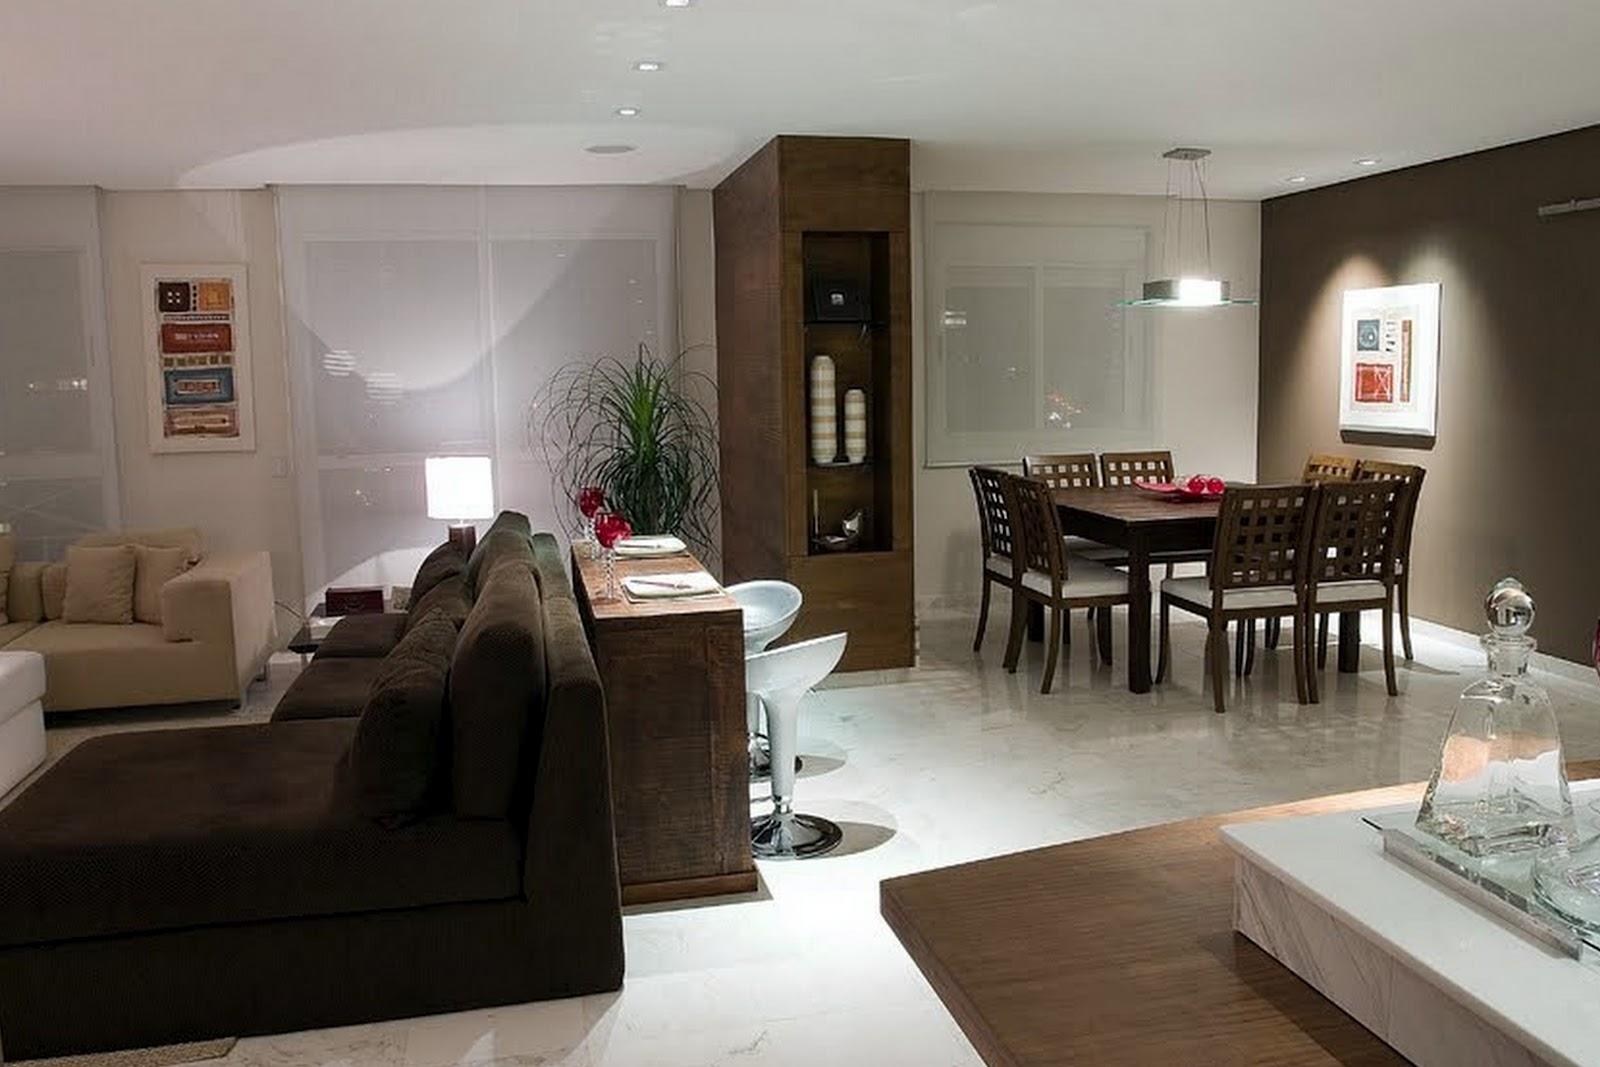 #292016 sala jantar e sala de estar (12).jpg 1600x1067 píxeis em Ambientes Decorados Para Sala De Estar